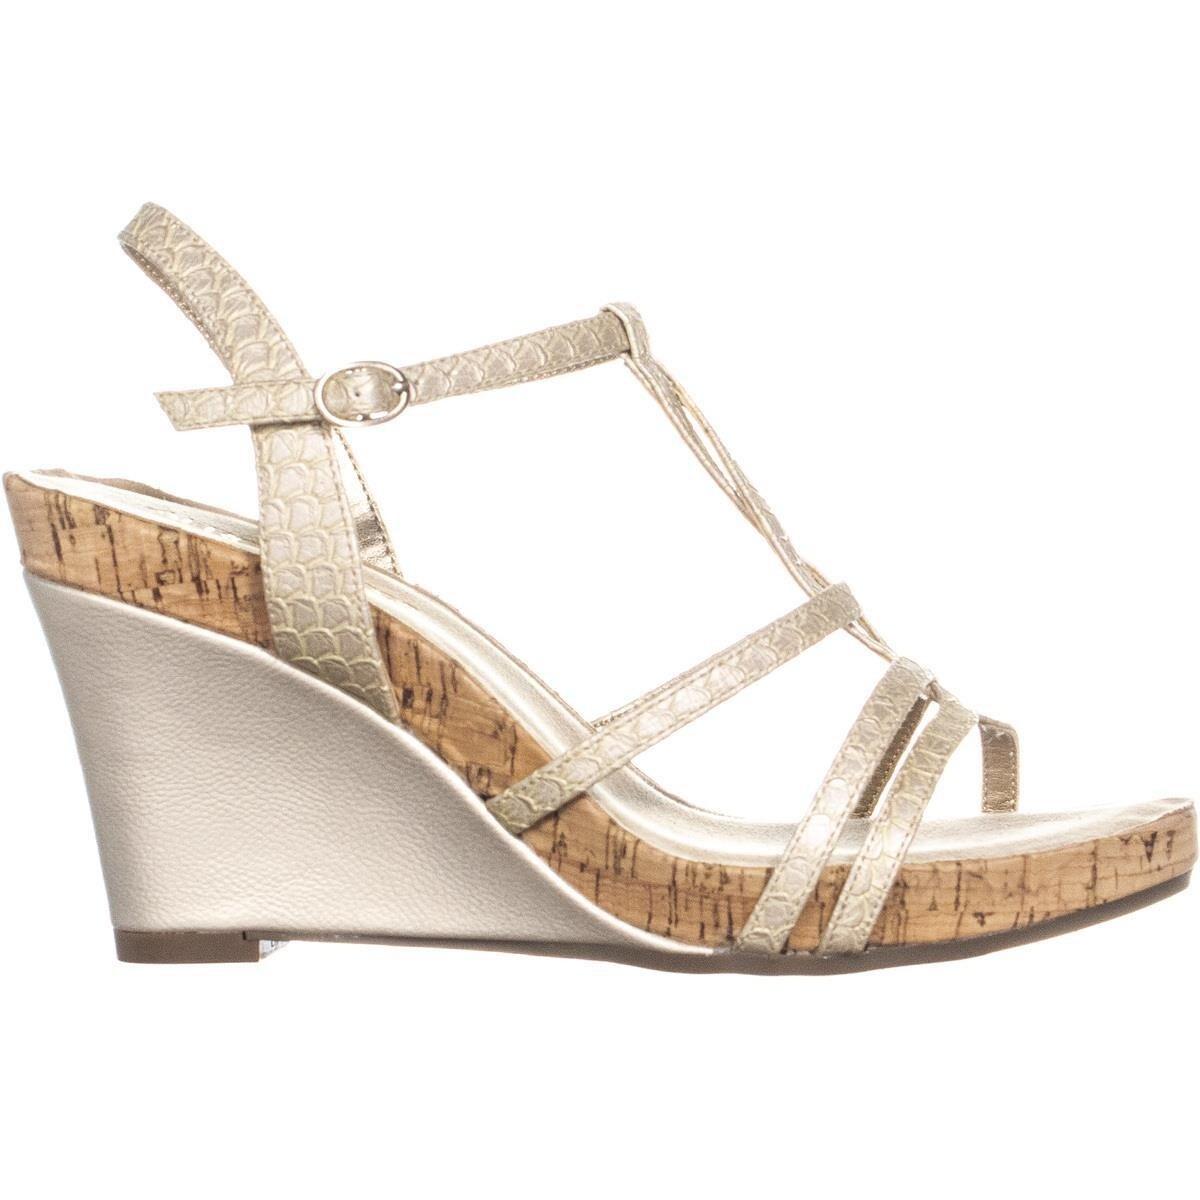 289944d53822 Shop Aerosoles Plush Song T Strap Sandals